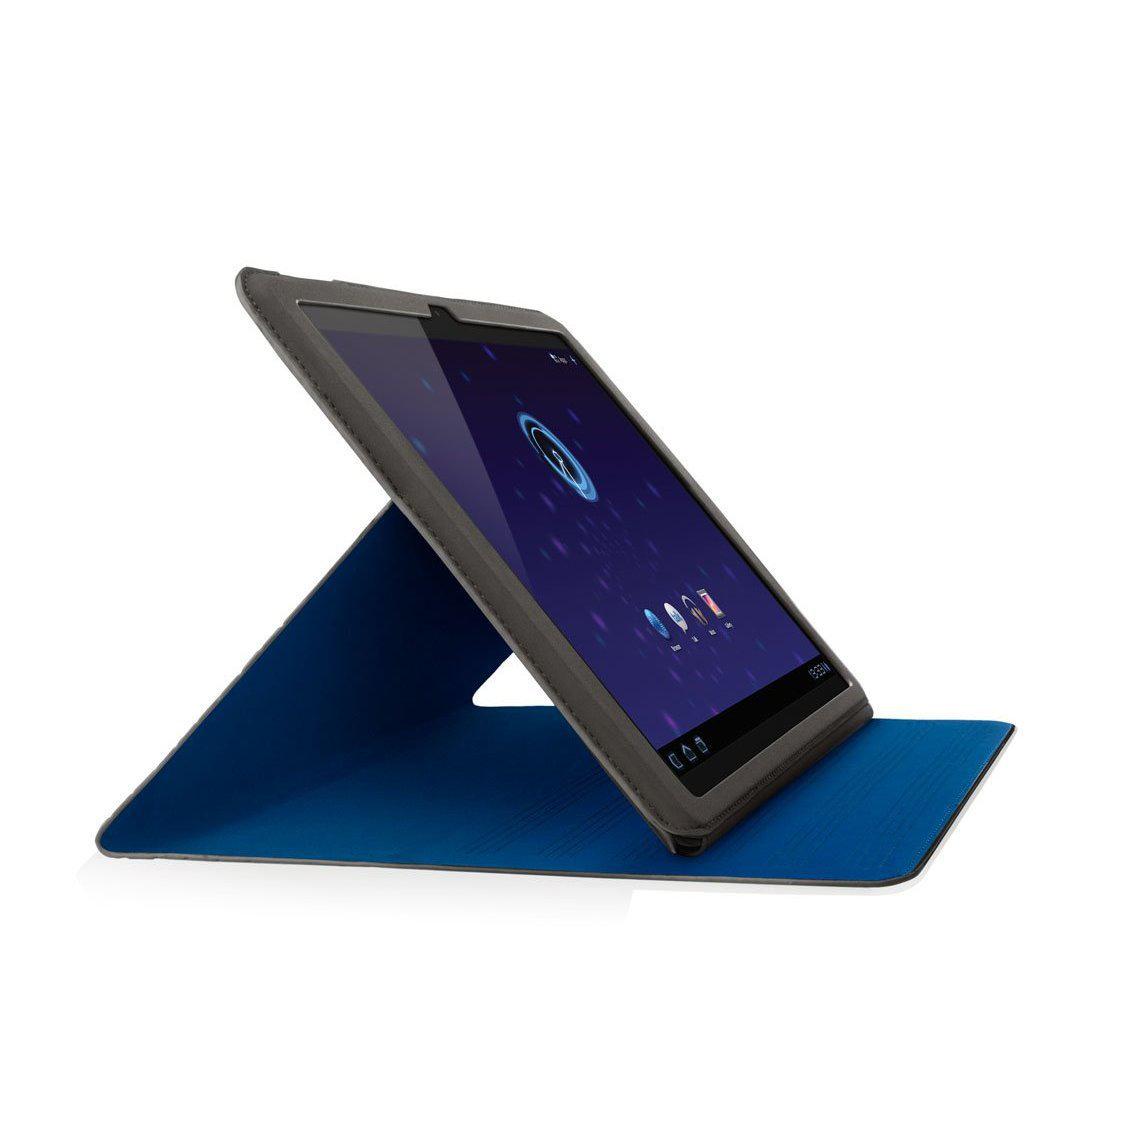 Belkin Samsung galaxy Tab 10.1 slim folio stand F8M162ebC02 New